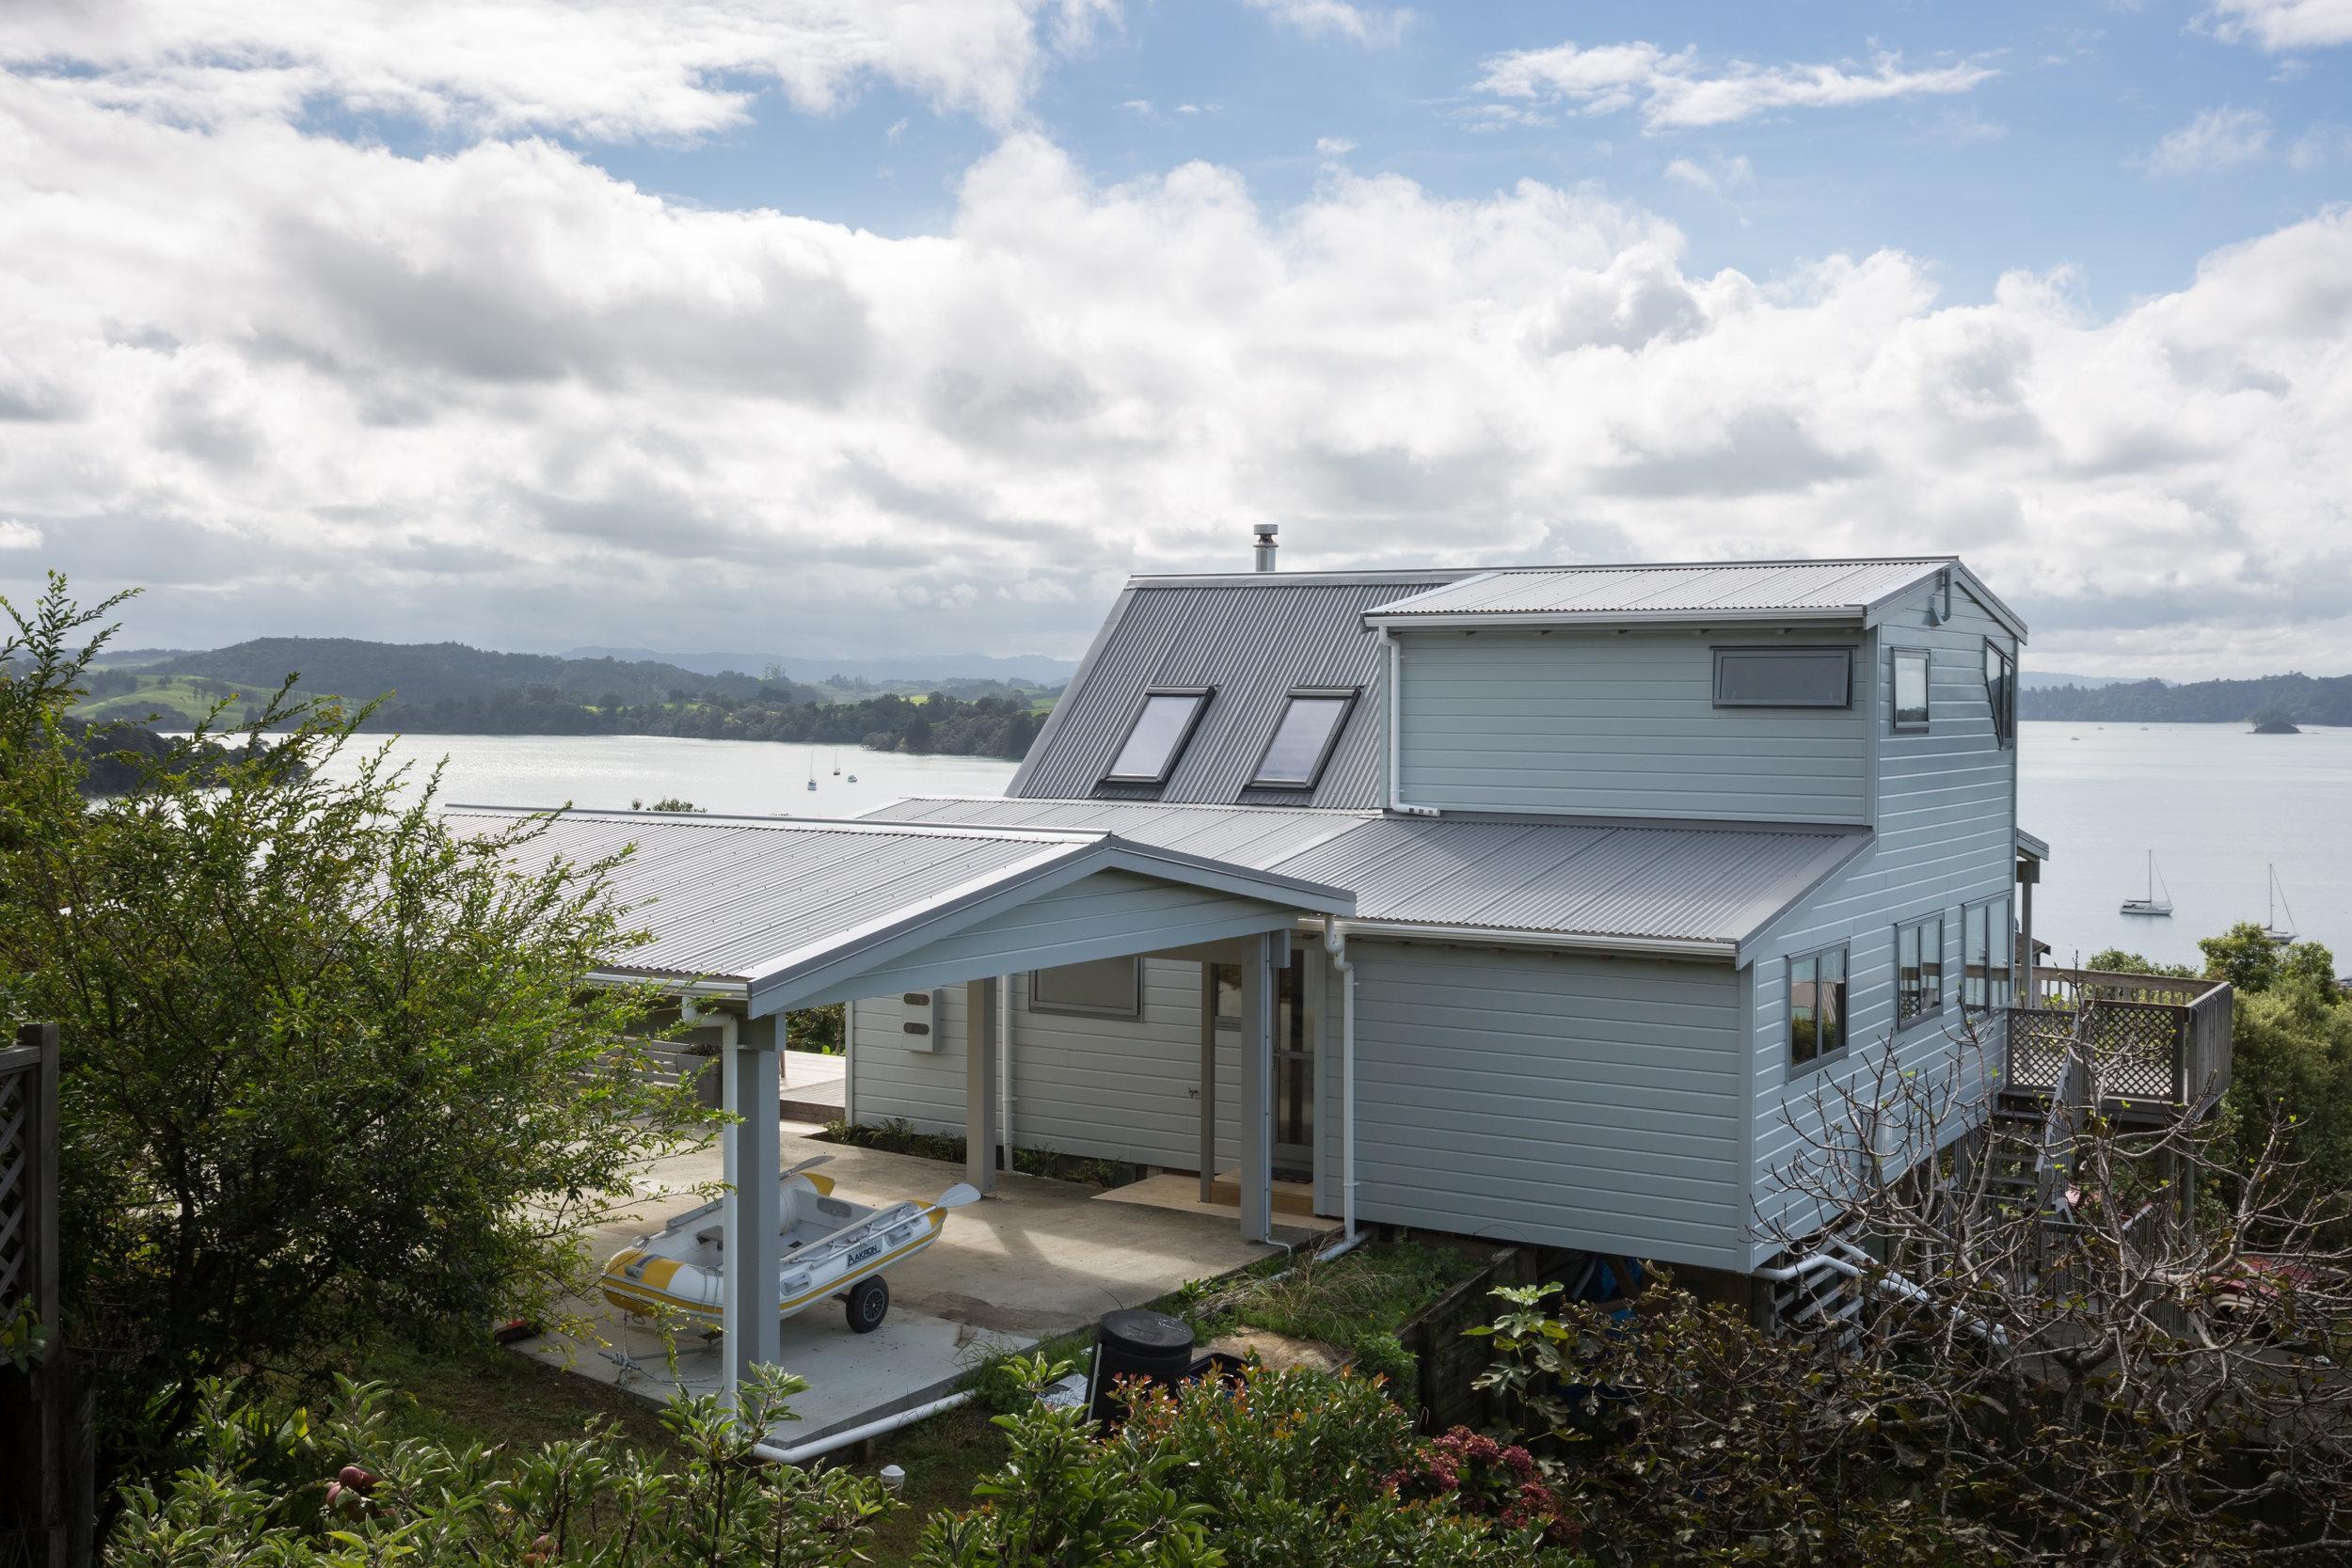 The-Roofing-Store-Steel-Metal-Corrugate-Vitor+-ZX-0.55-2.jpg.jpg